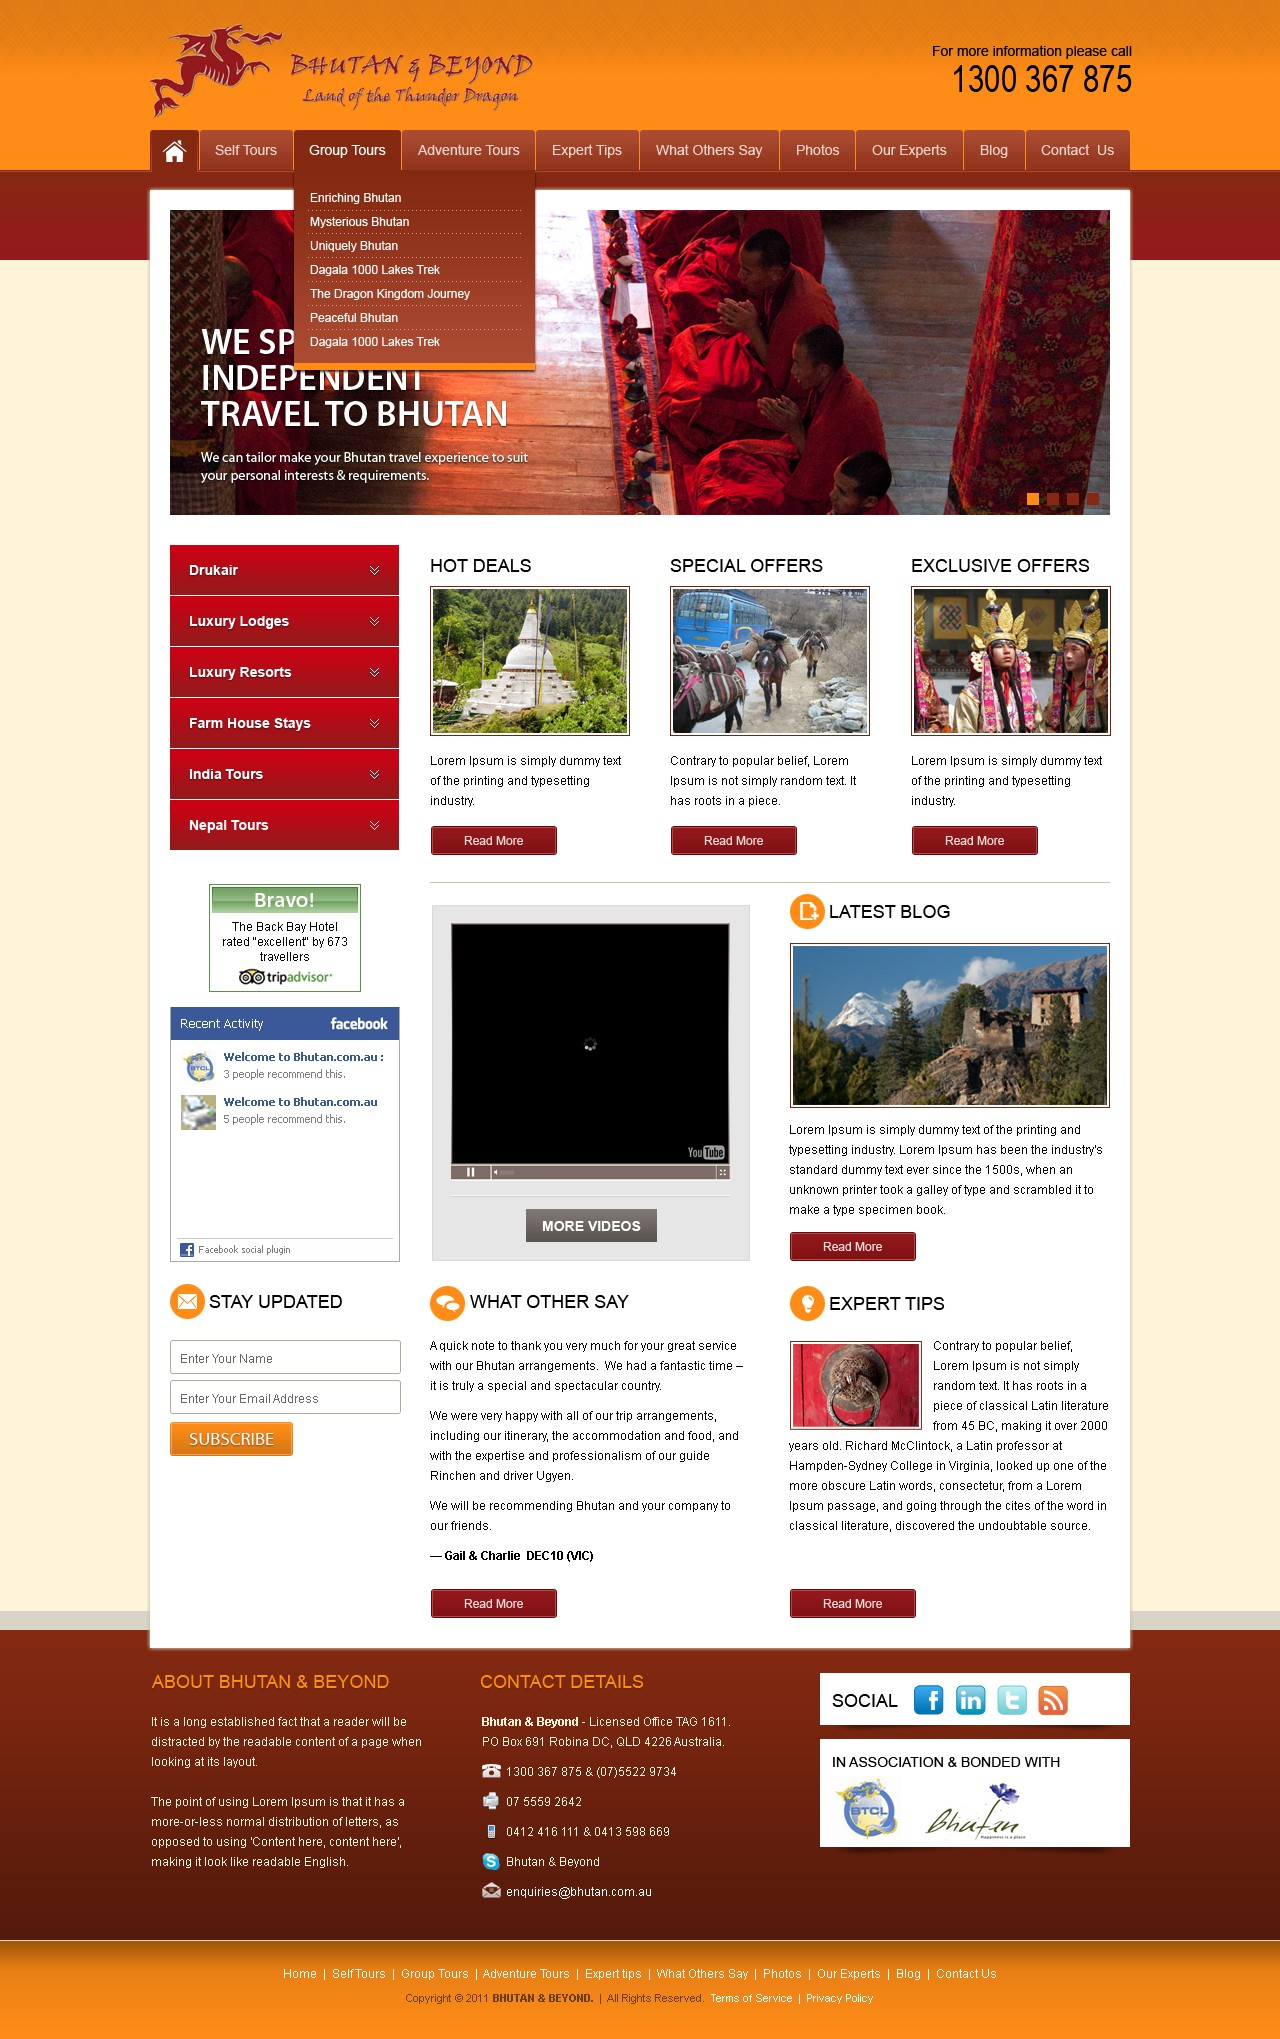 Bhutan & Beyond needs a new website design